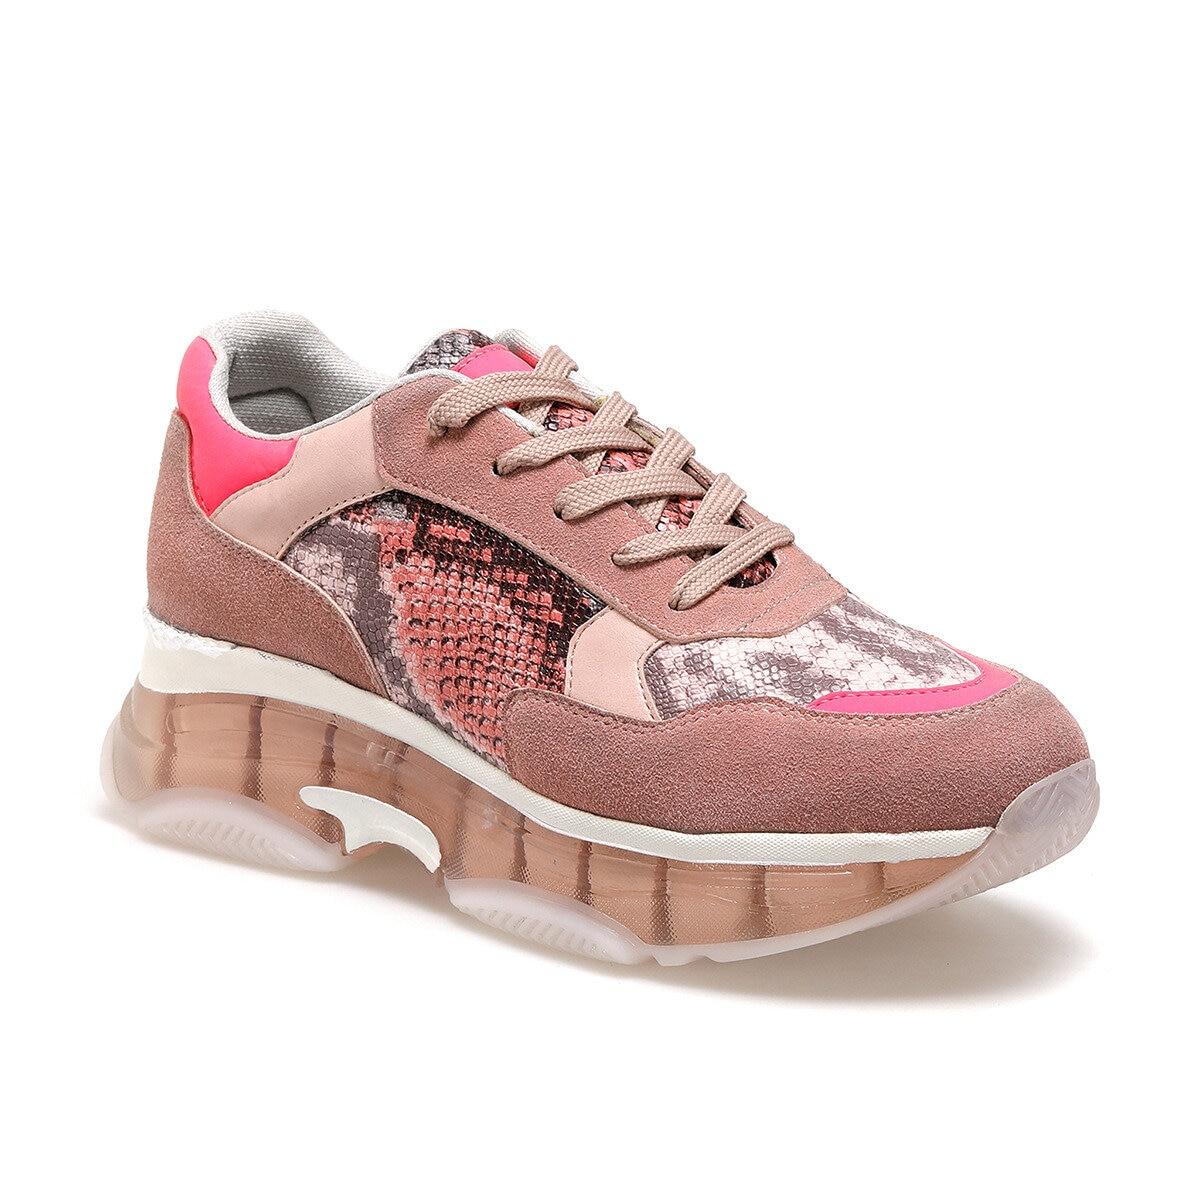 FLO 20S-083 Powder Women 'S Sneaker Shoes BUTIGO